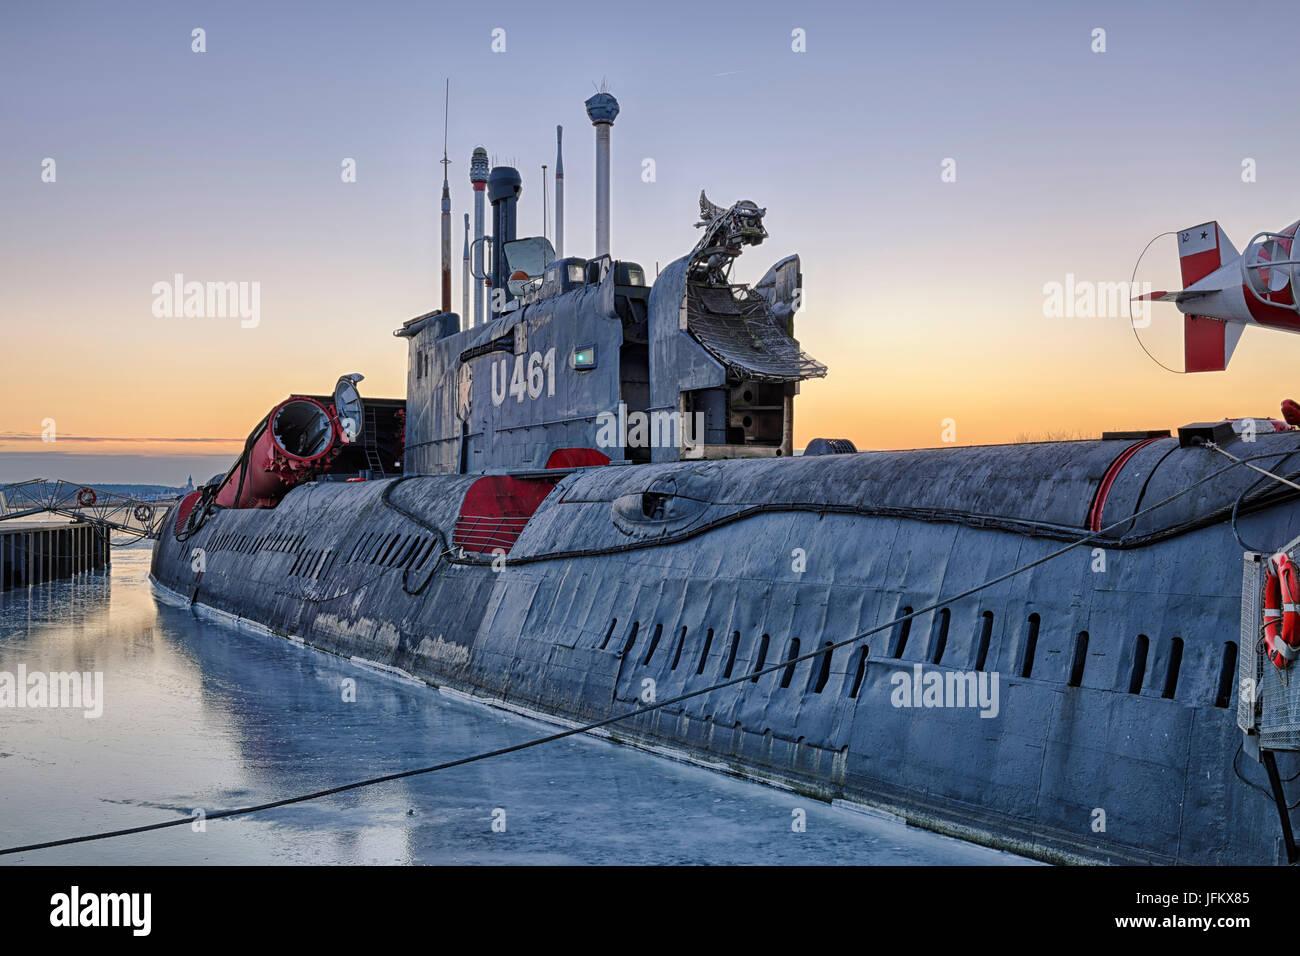 Submarino, el U-461, Museo Marítimo, Peenemünde, Usedom, Mecklemburgo-Pomerania Occidental, Alemania Imagen De Stock